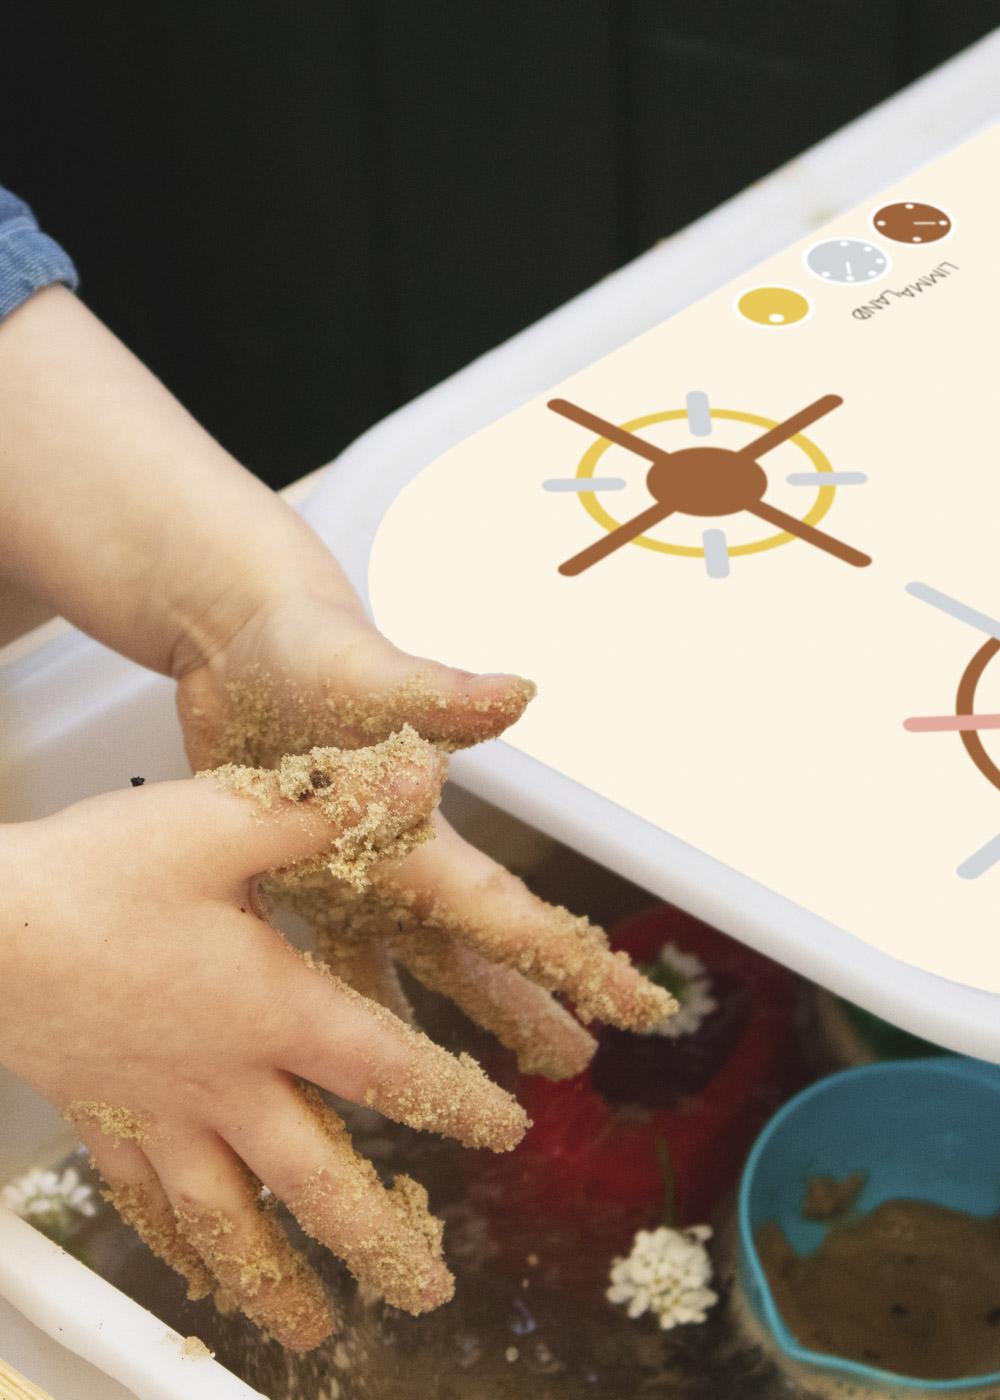 Ikea Trofast Box Matschküche Erdig und Feurig sand Herd Teilansicht